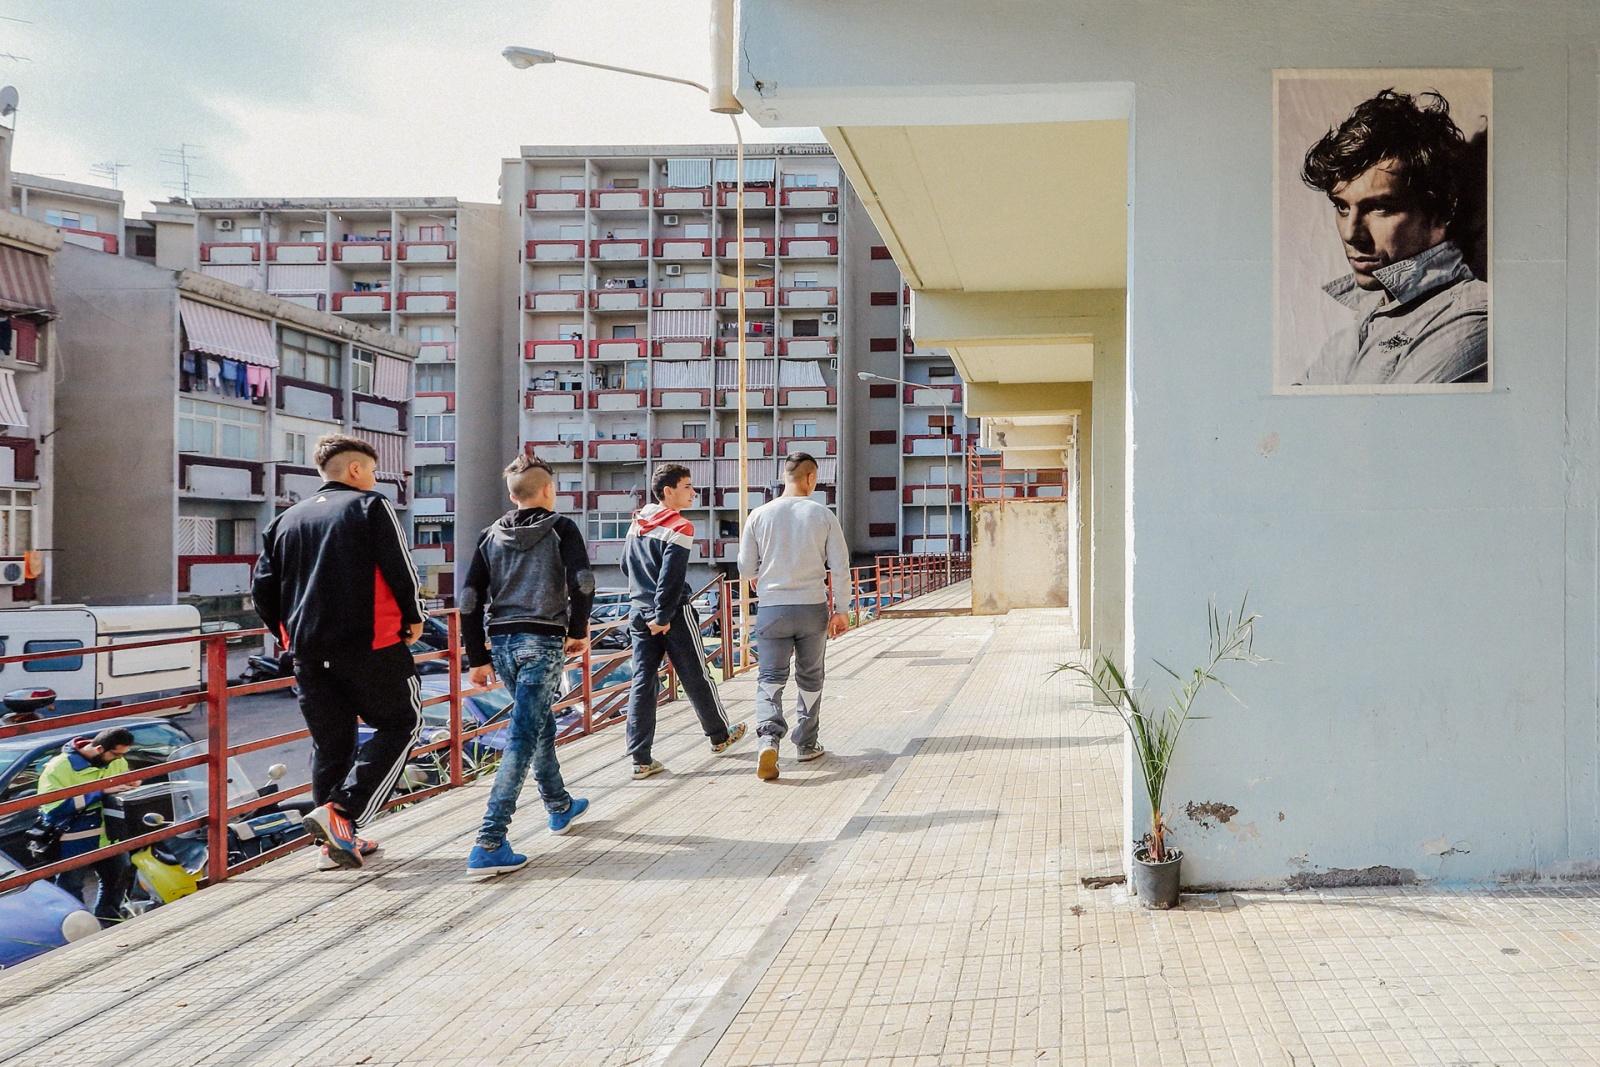 Ragazzi che passeggiano nel quartiere Librino, Catania, 2015 – 2016. © Riccardo Colelli.